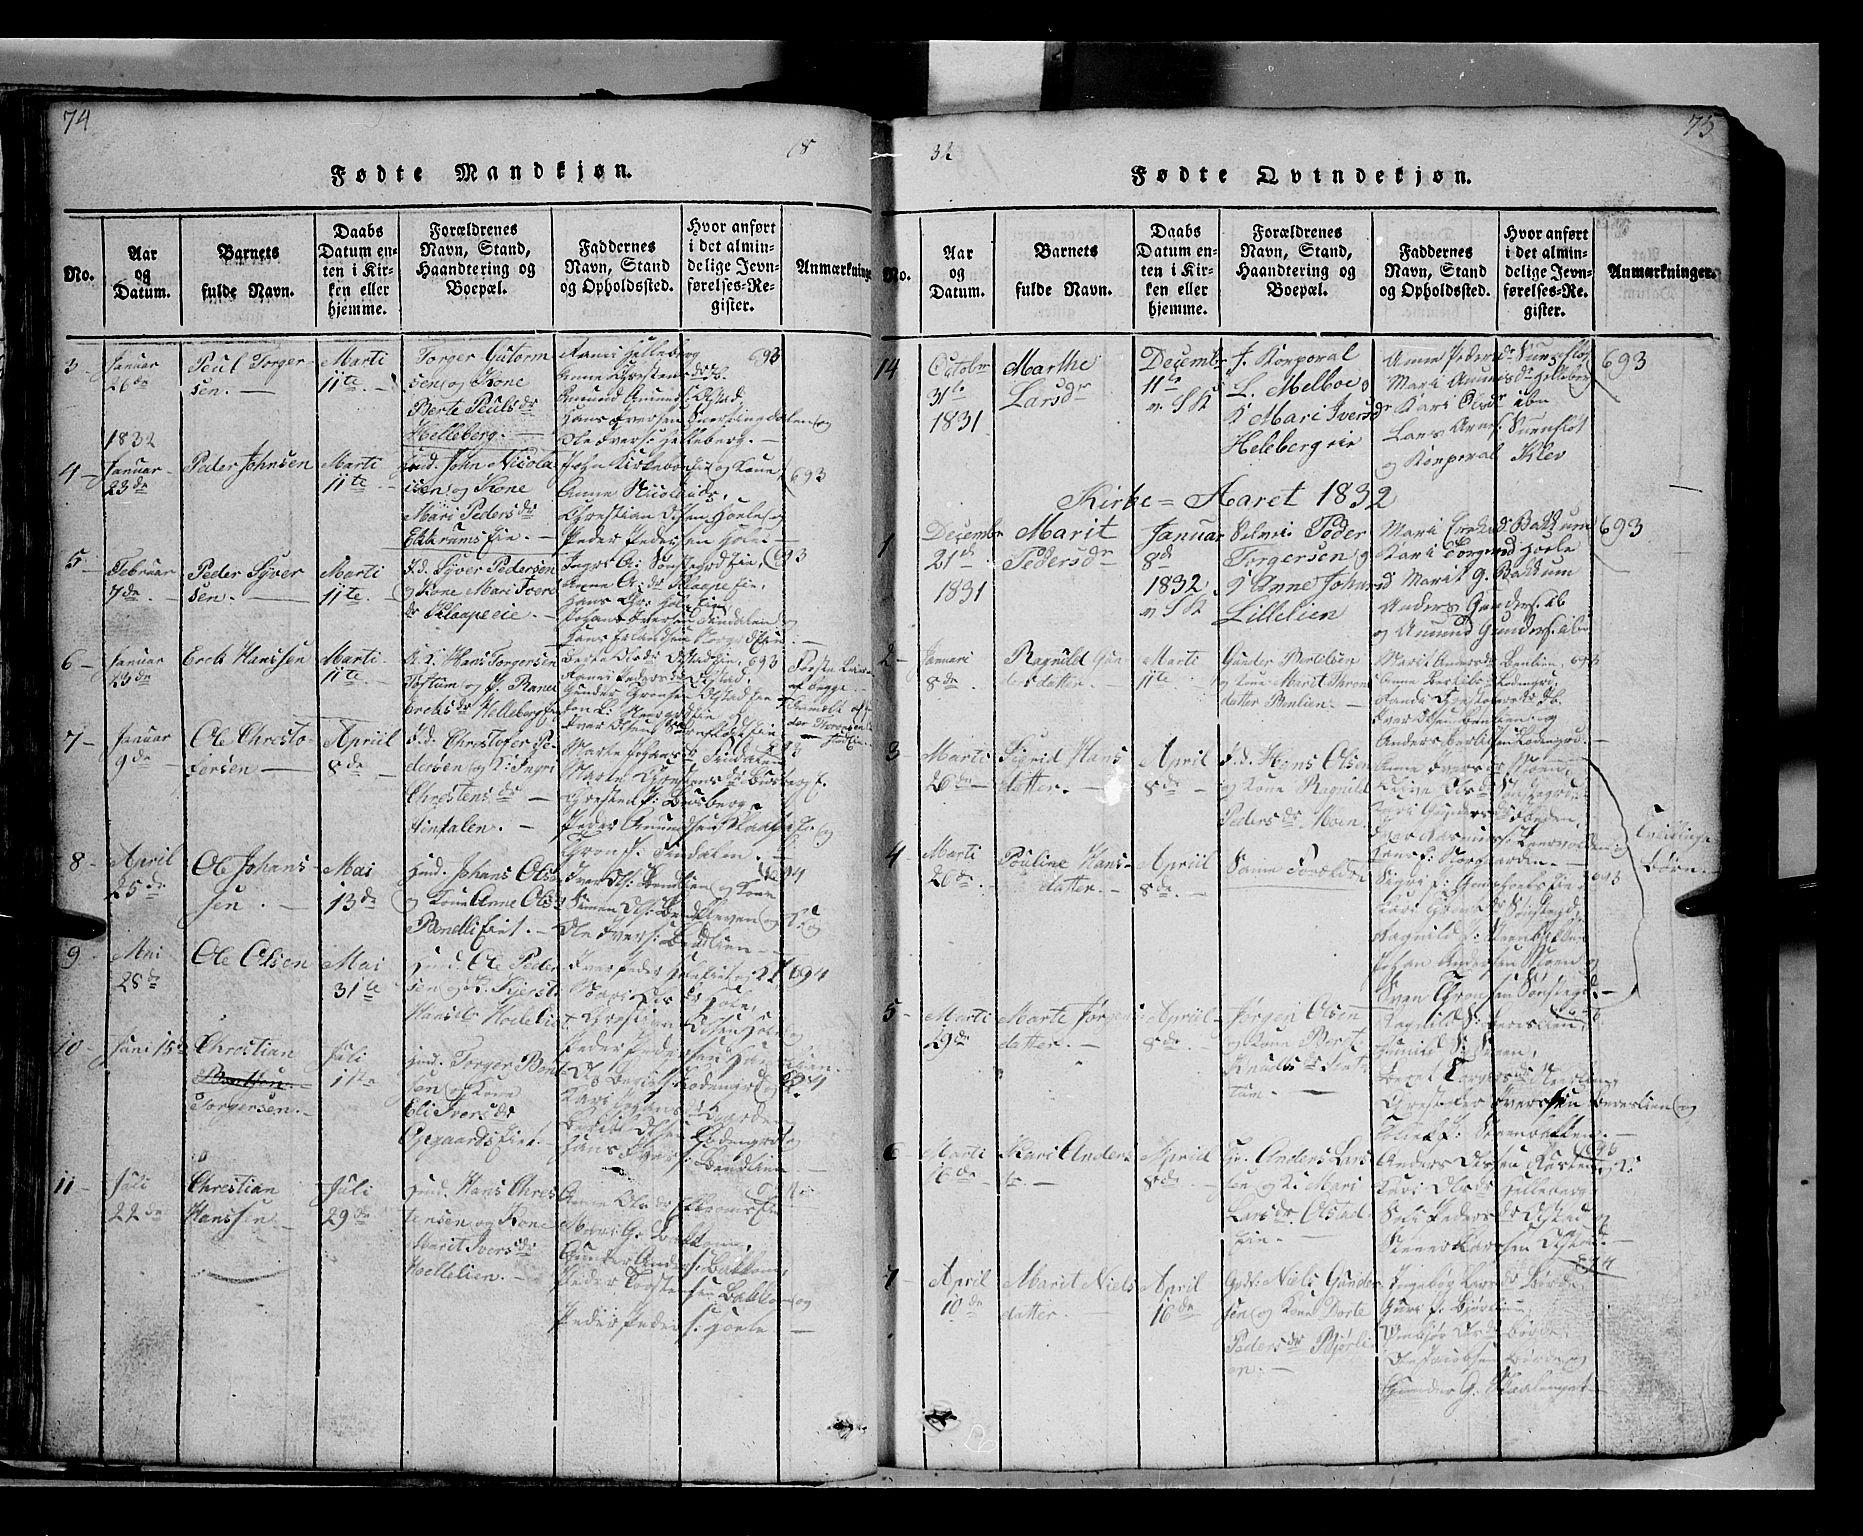 SAH, Gausdal prestekontor, Klokkerbok nr. 2, 1818-1874, s. 74-75